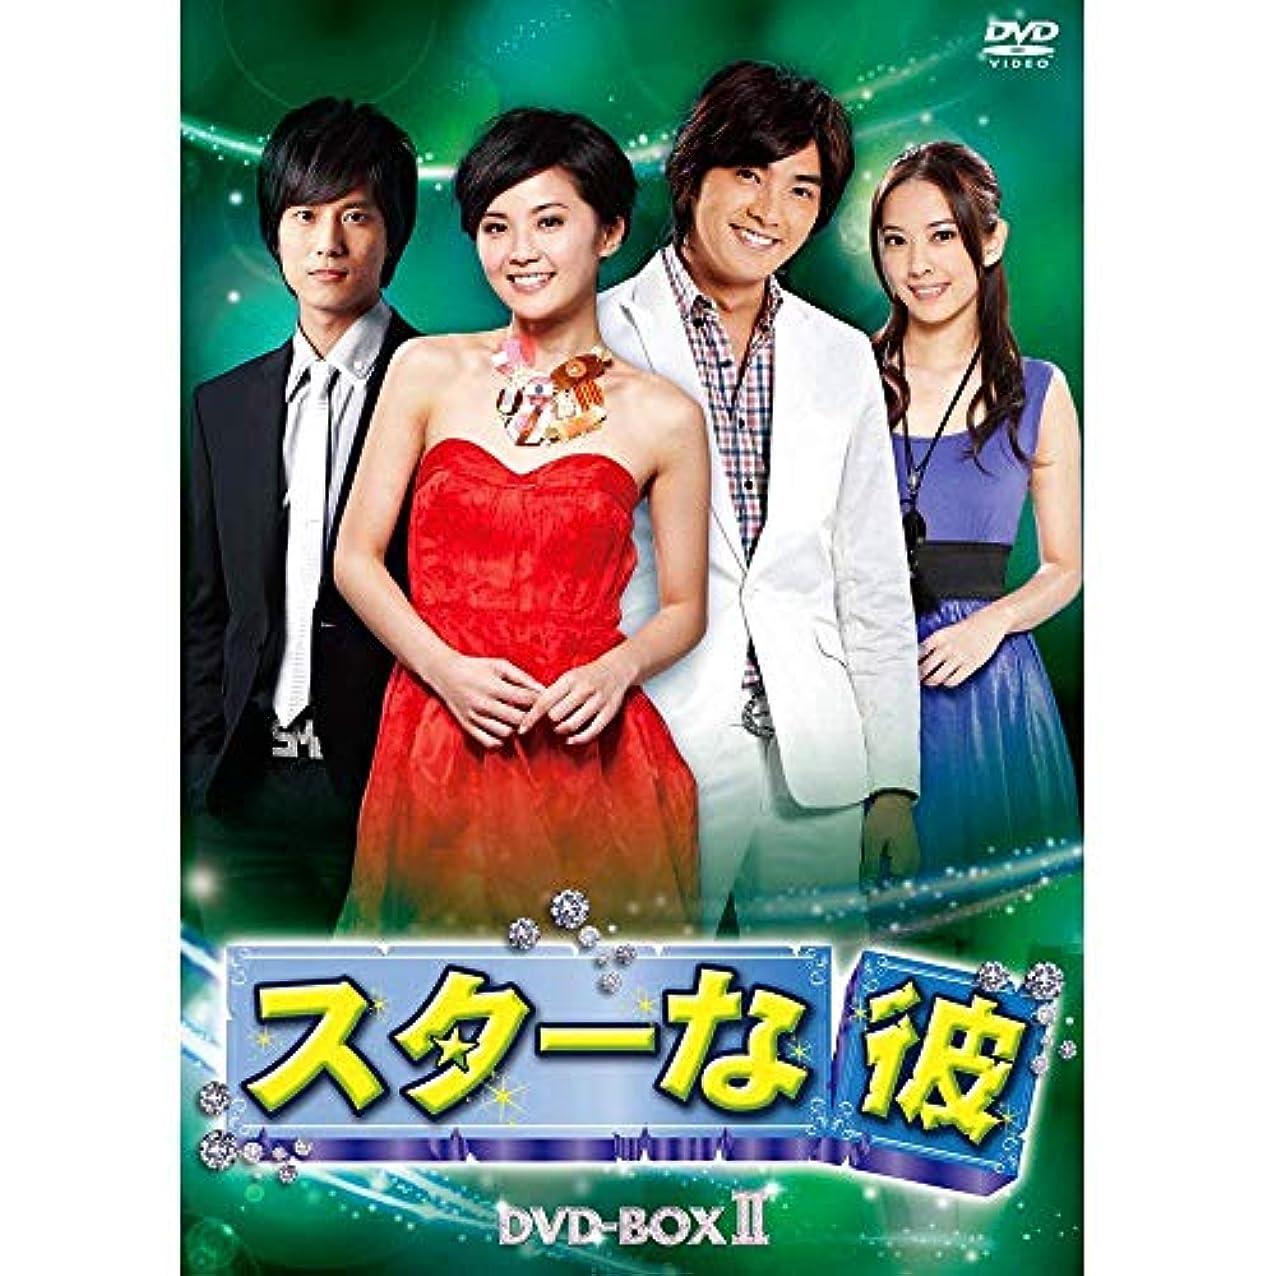 スターな彼 ノーカット版DVD-BOX I+II 12枚組 24话+特典2枚組 言語: 中国語 字幕: 日本語14枚組